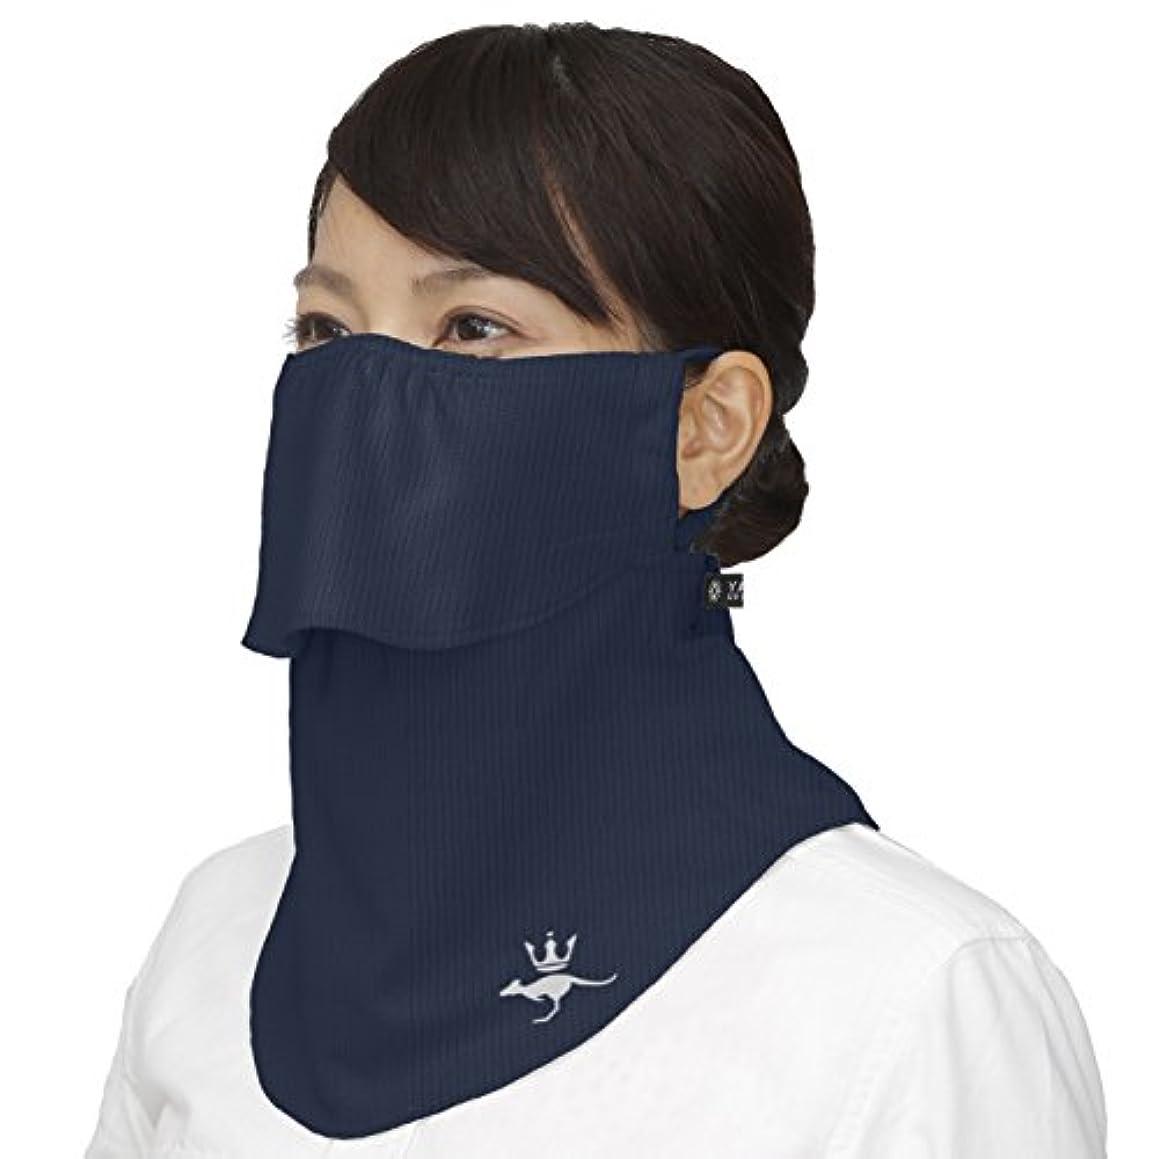 ドレイン活性化するオズワルド(シンプソン)Simpson 息苦しくない 紫外線防止 レディース 日焼け防止 UVカット フェイスマスク フェイスカバー STA-M02